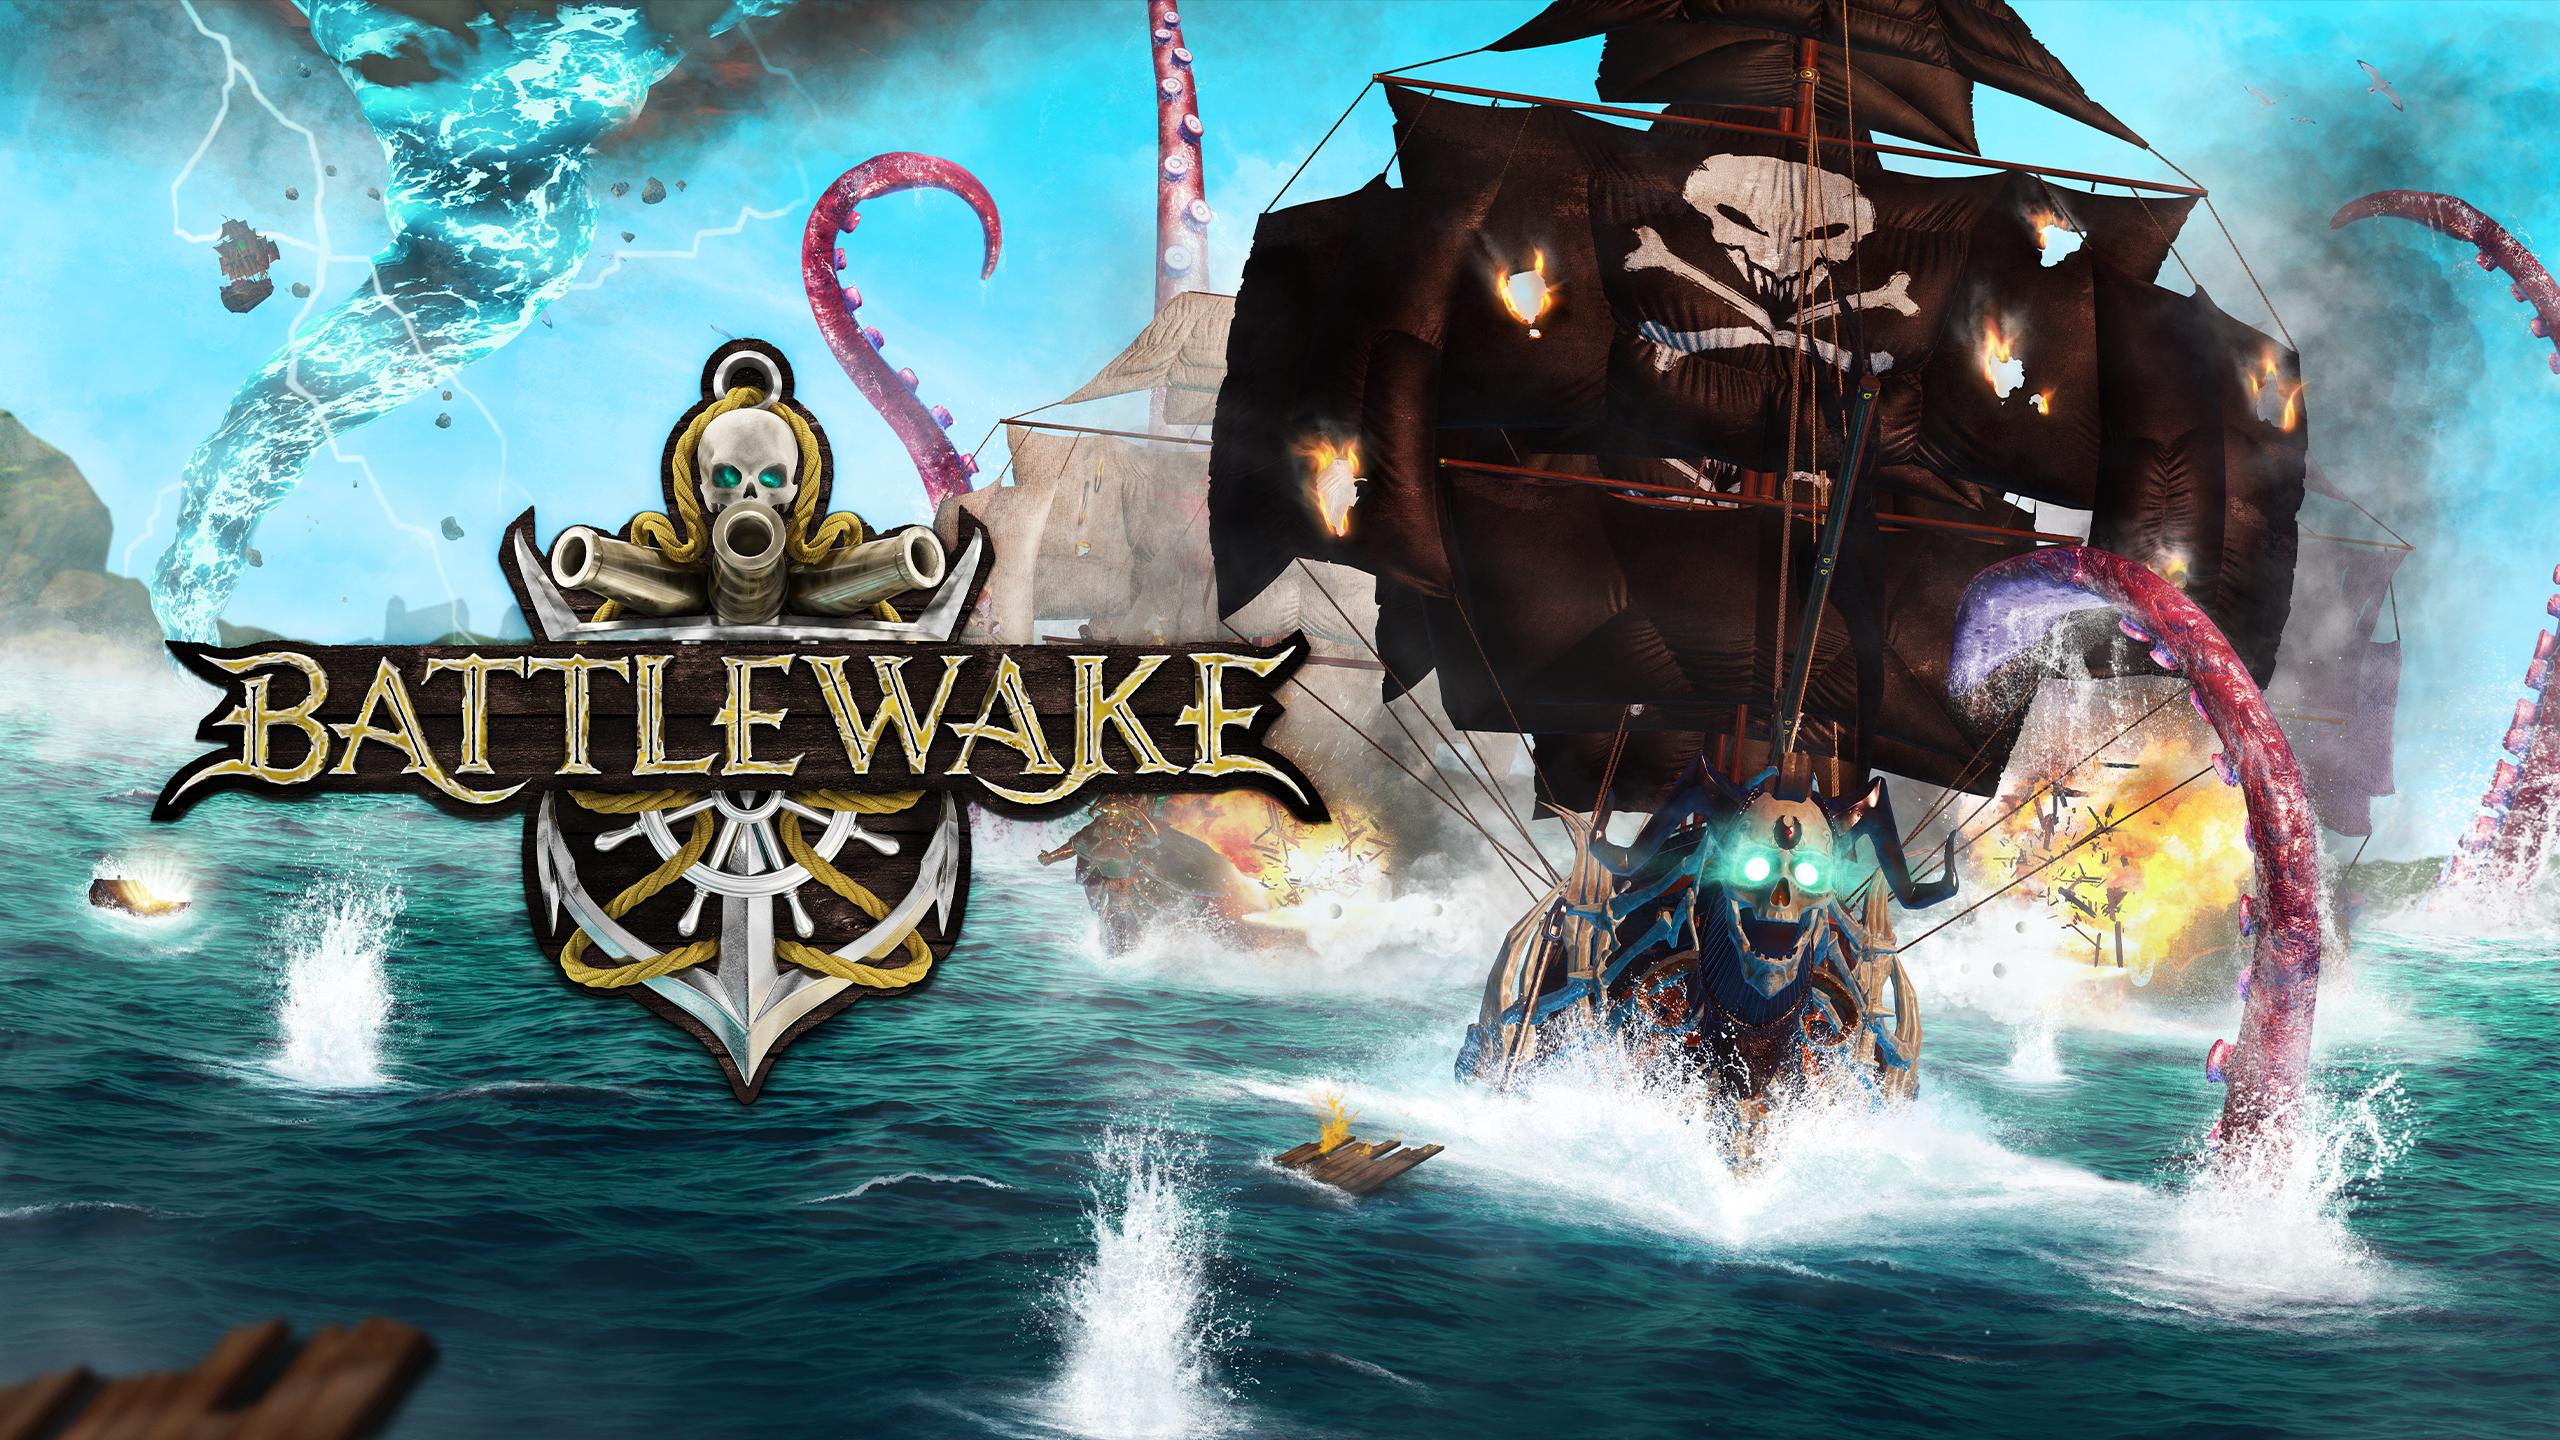 Érkezik Survios új játéka, a Battlewake, jelentkezhetsz a bétára